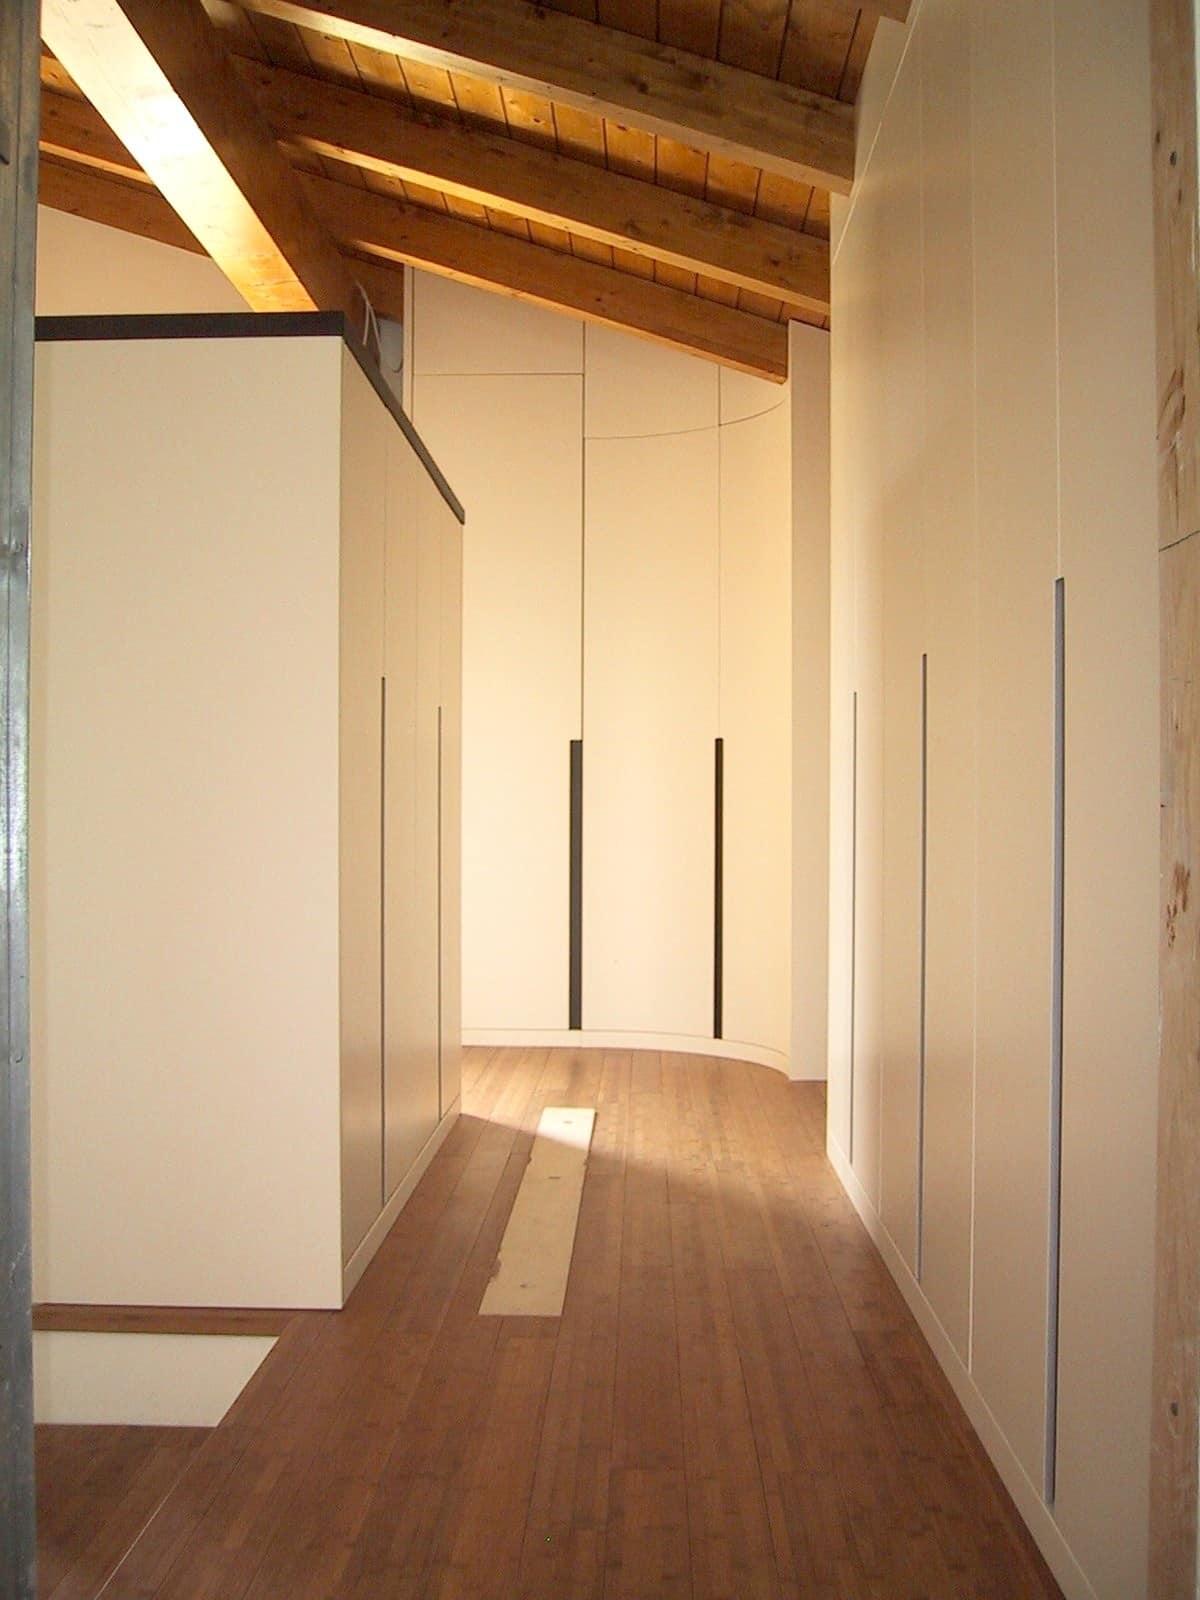 Kleiderschrank anpassbar auf den dachboden mit einem exklusiven design idfdesign - Mobili per mansarde ikea ...